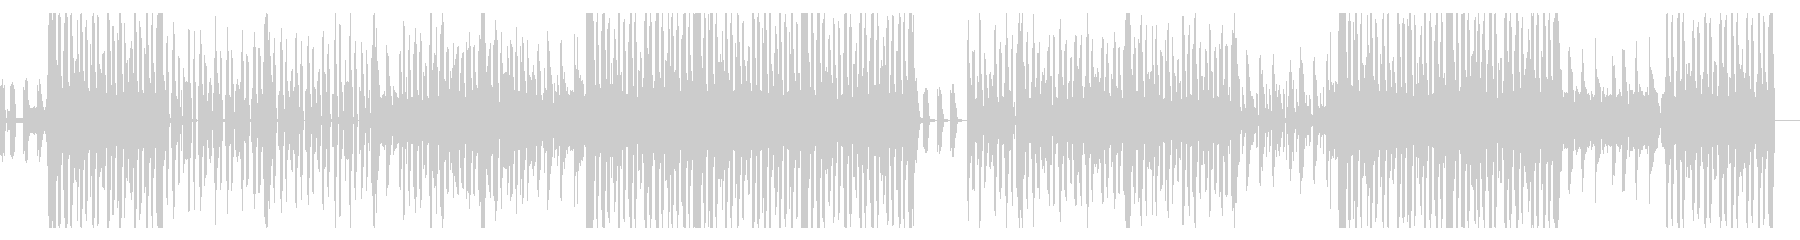 トロピカルおしゃれR&B〜ポップインストの未再生の波形